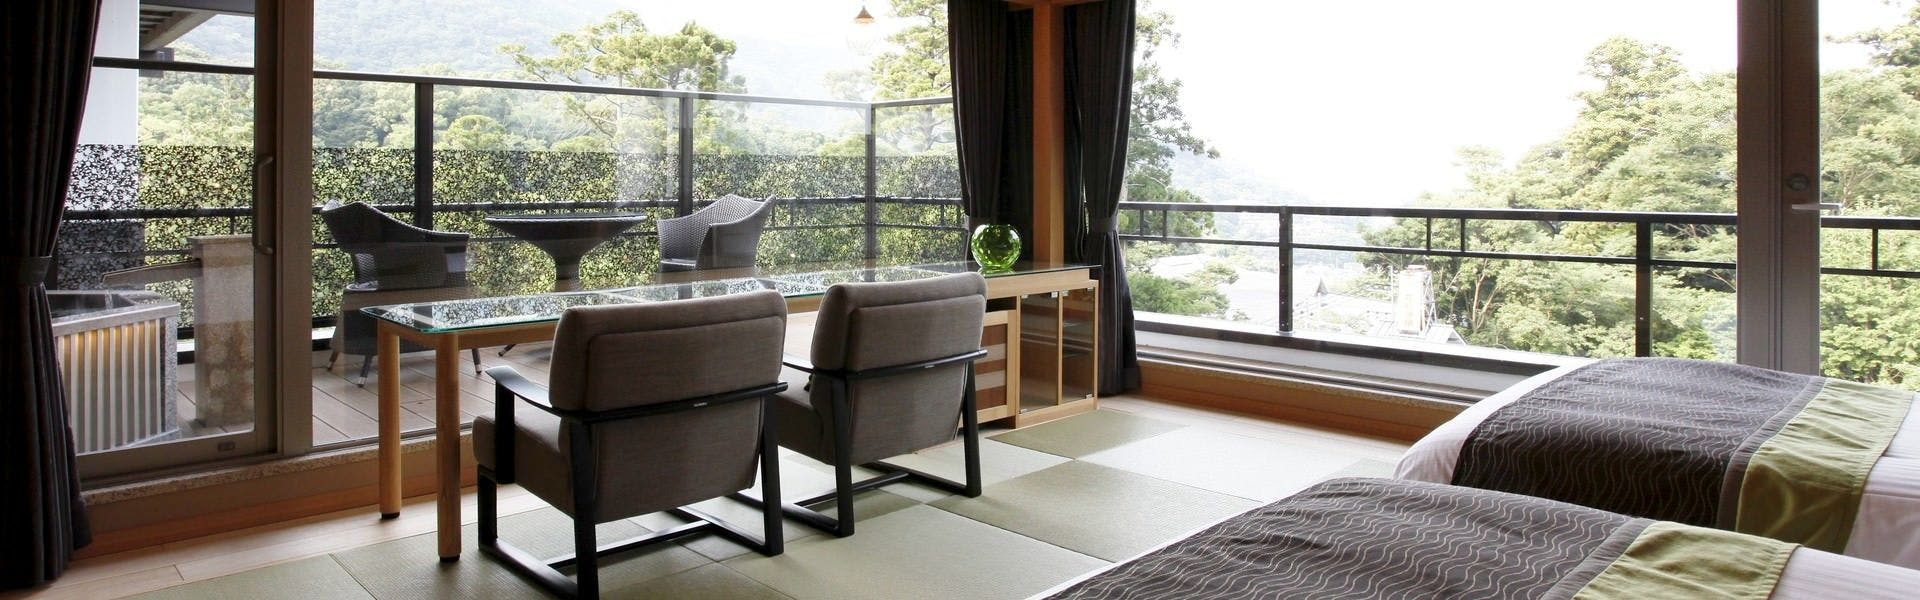 記念日におすすめのホテル・箱根 花紋の写真2